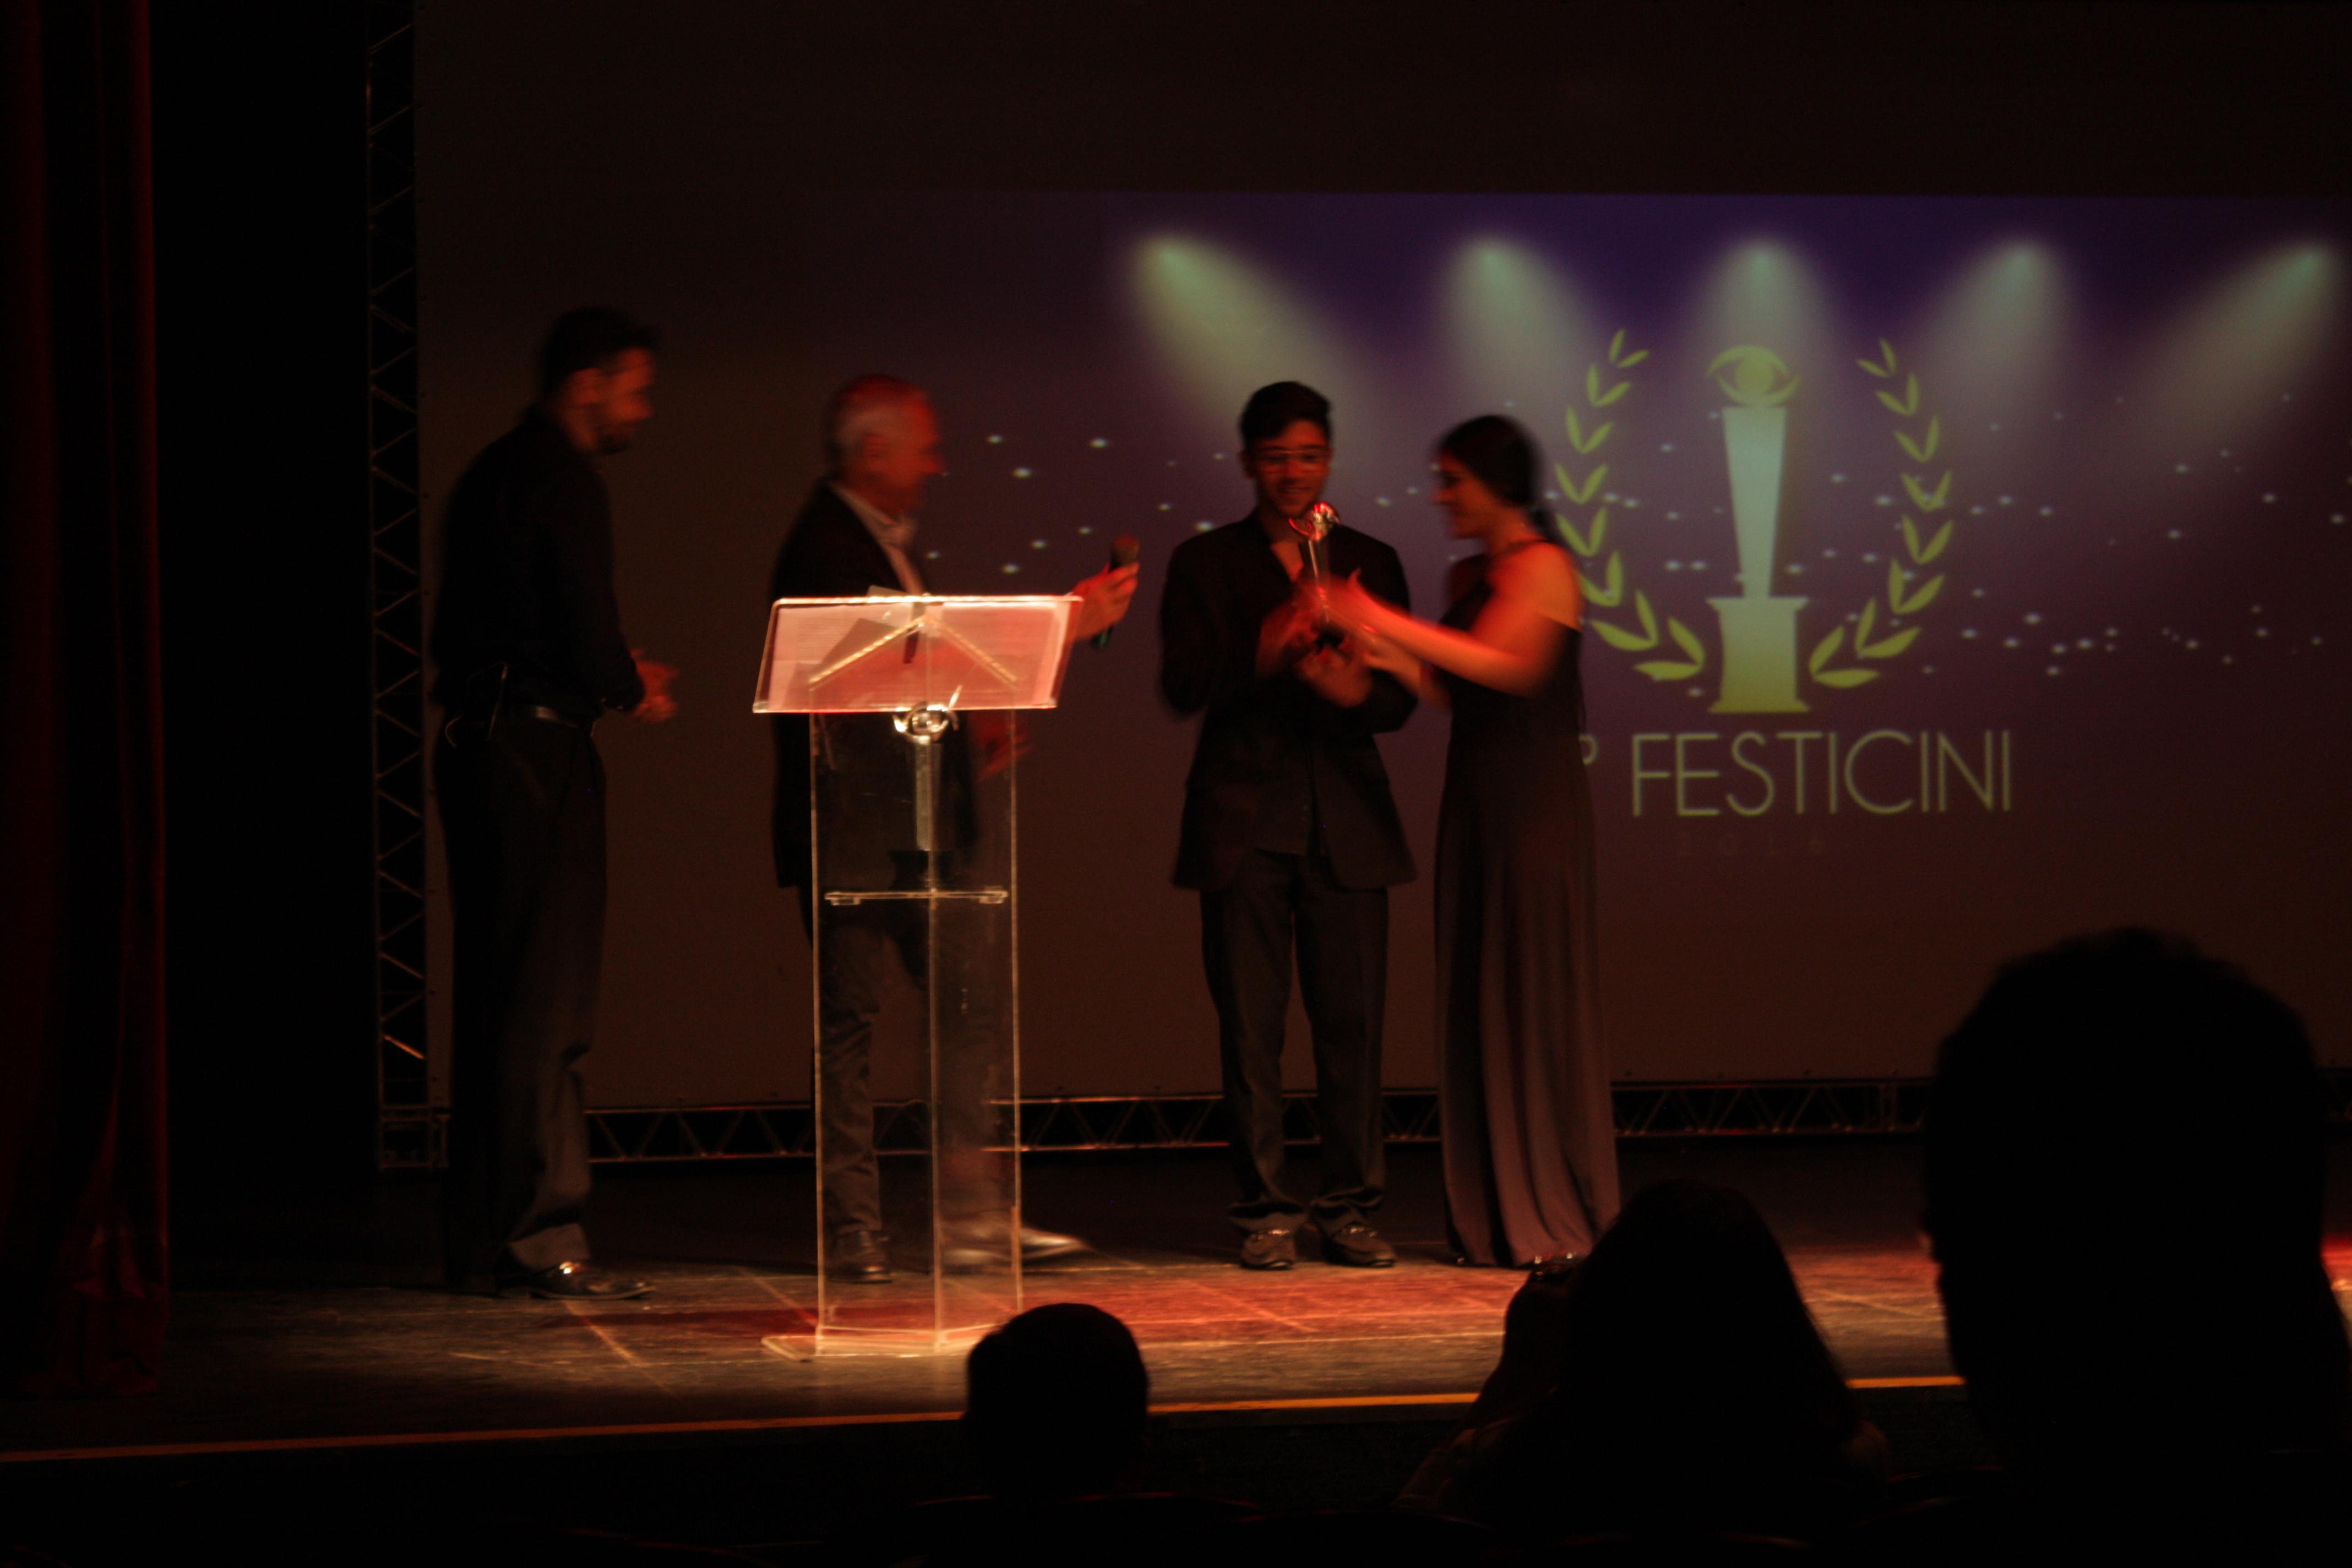 O diretor Aleksander Nascimento, juntamente com Kênia Souza, atriz do Filme Reverso, recebem o prêmio de  Melhor Média Metragem